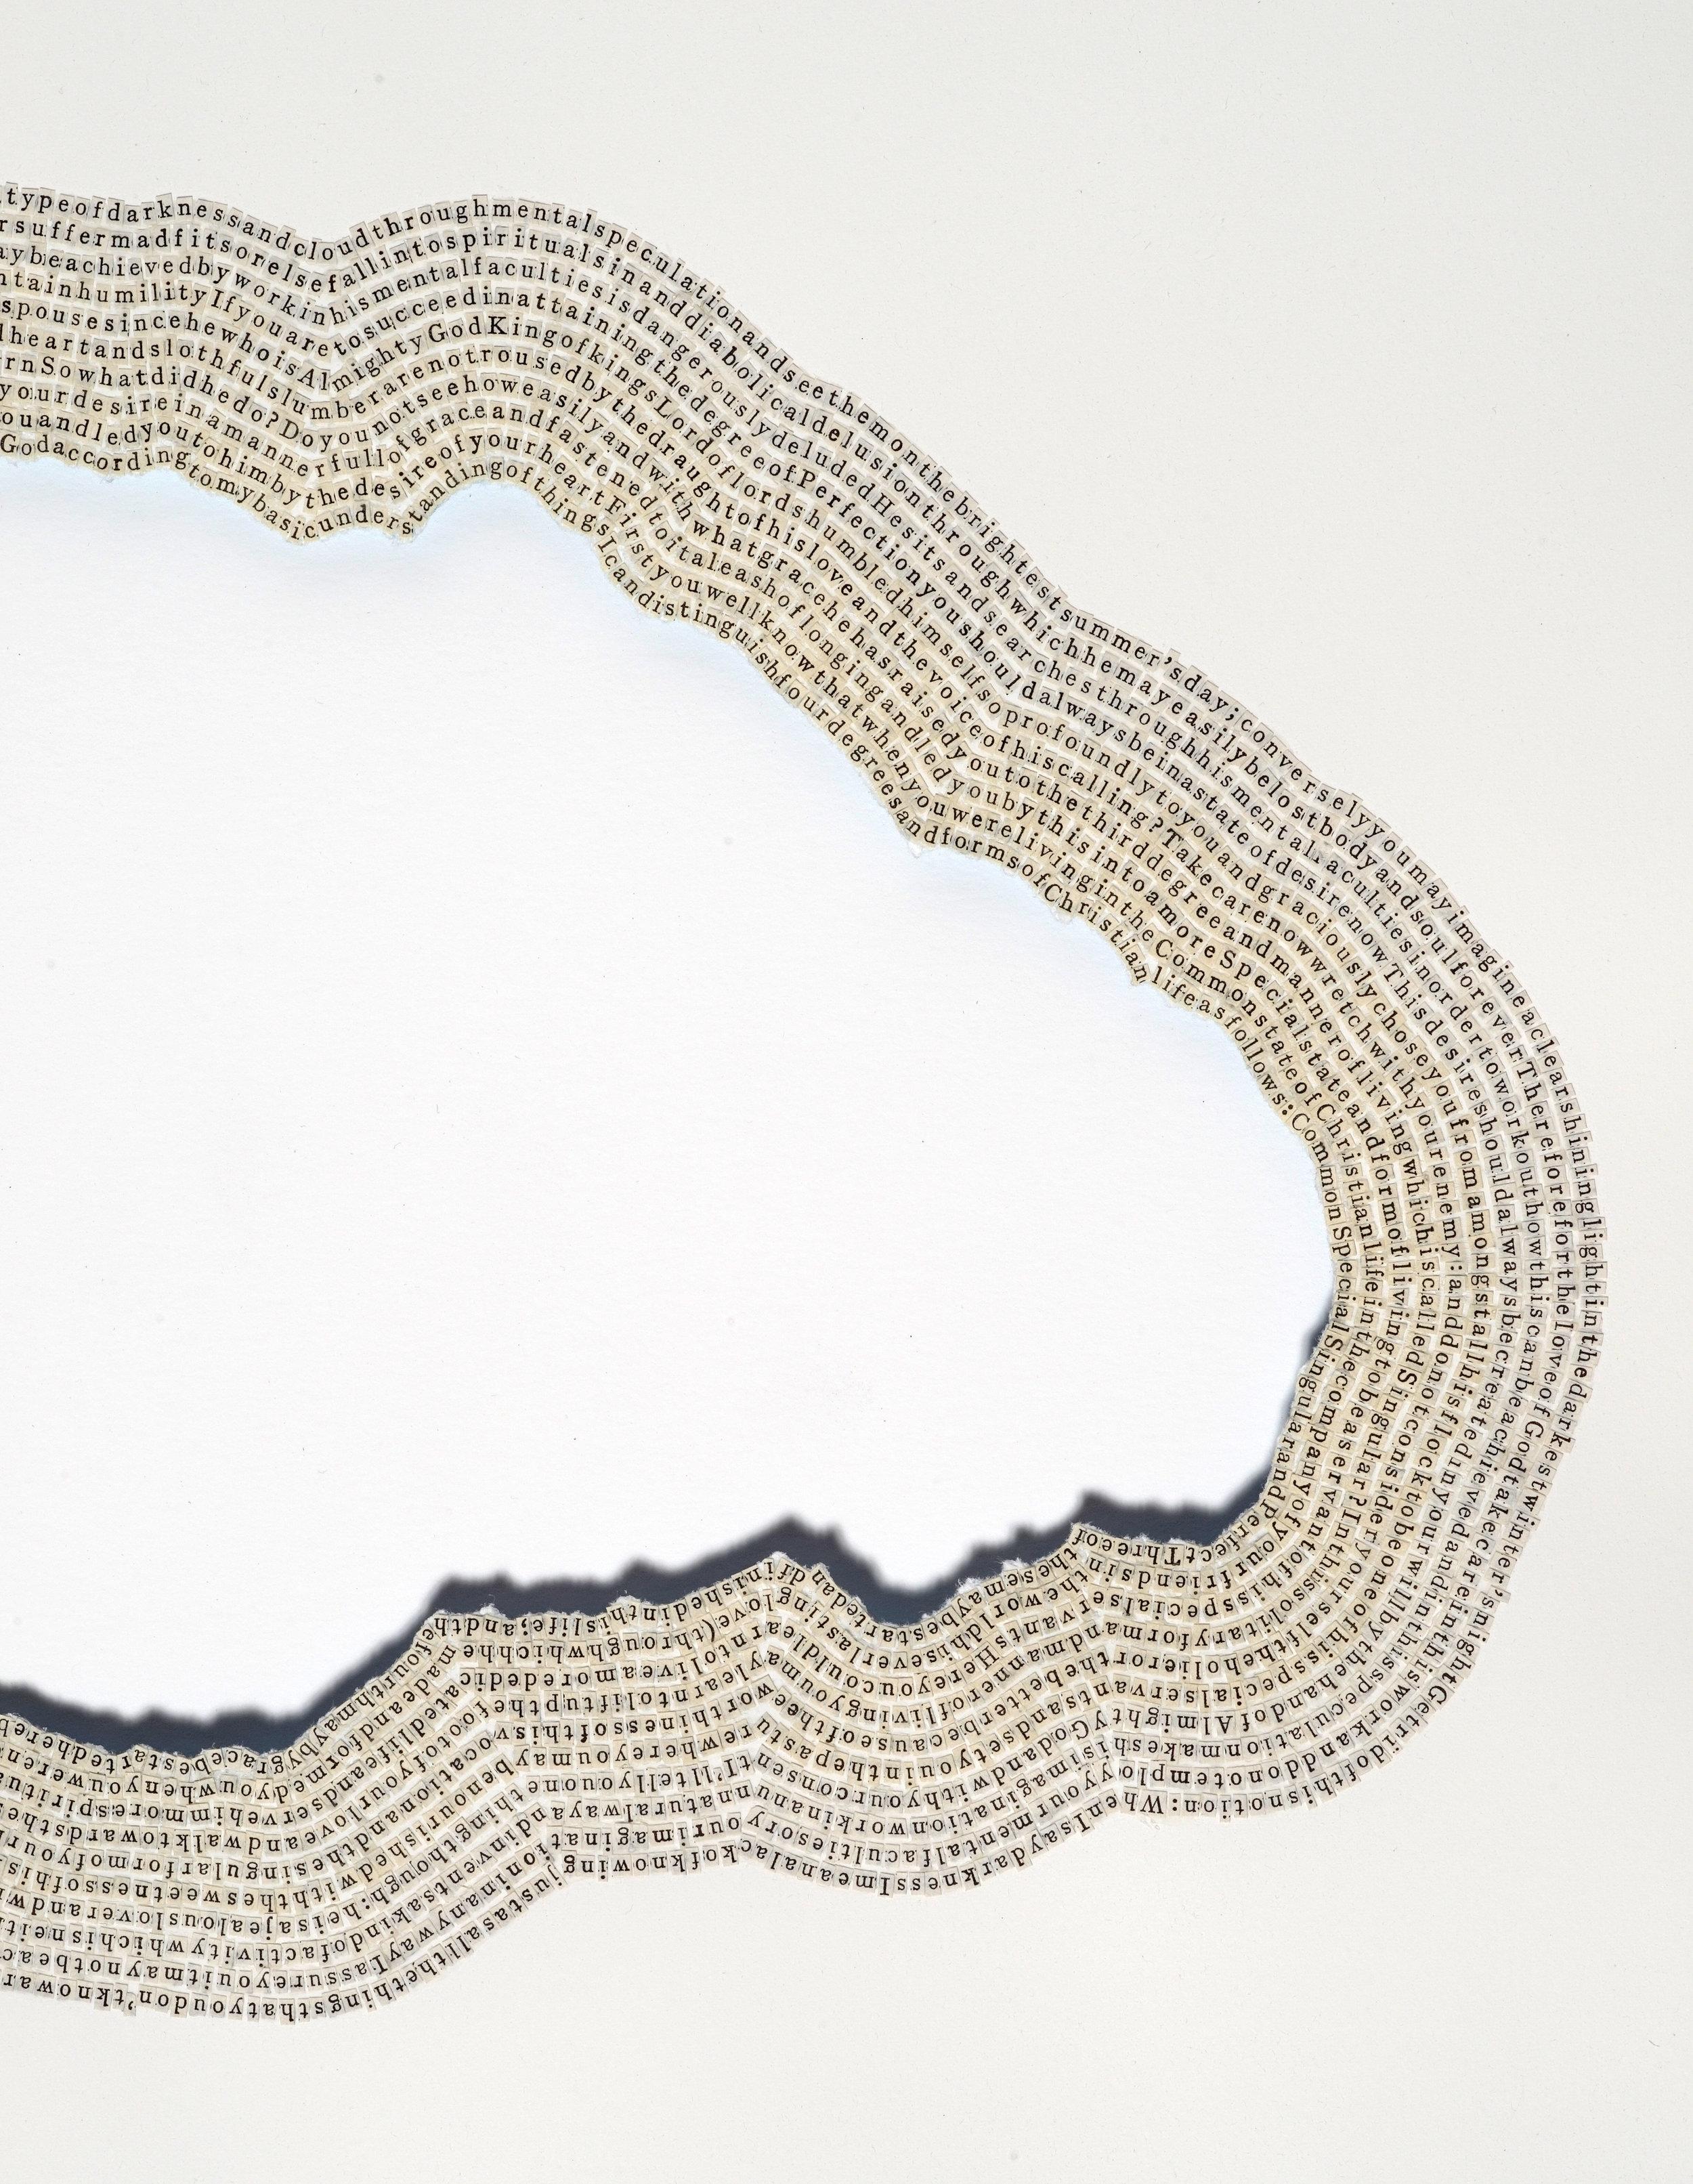 Cloud of Unknowing (detail, large 1).jpg